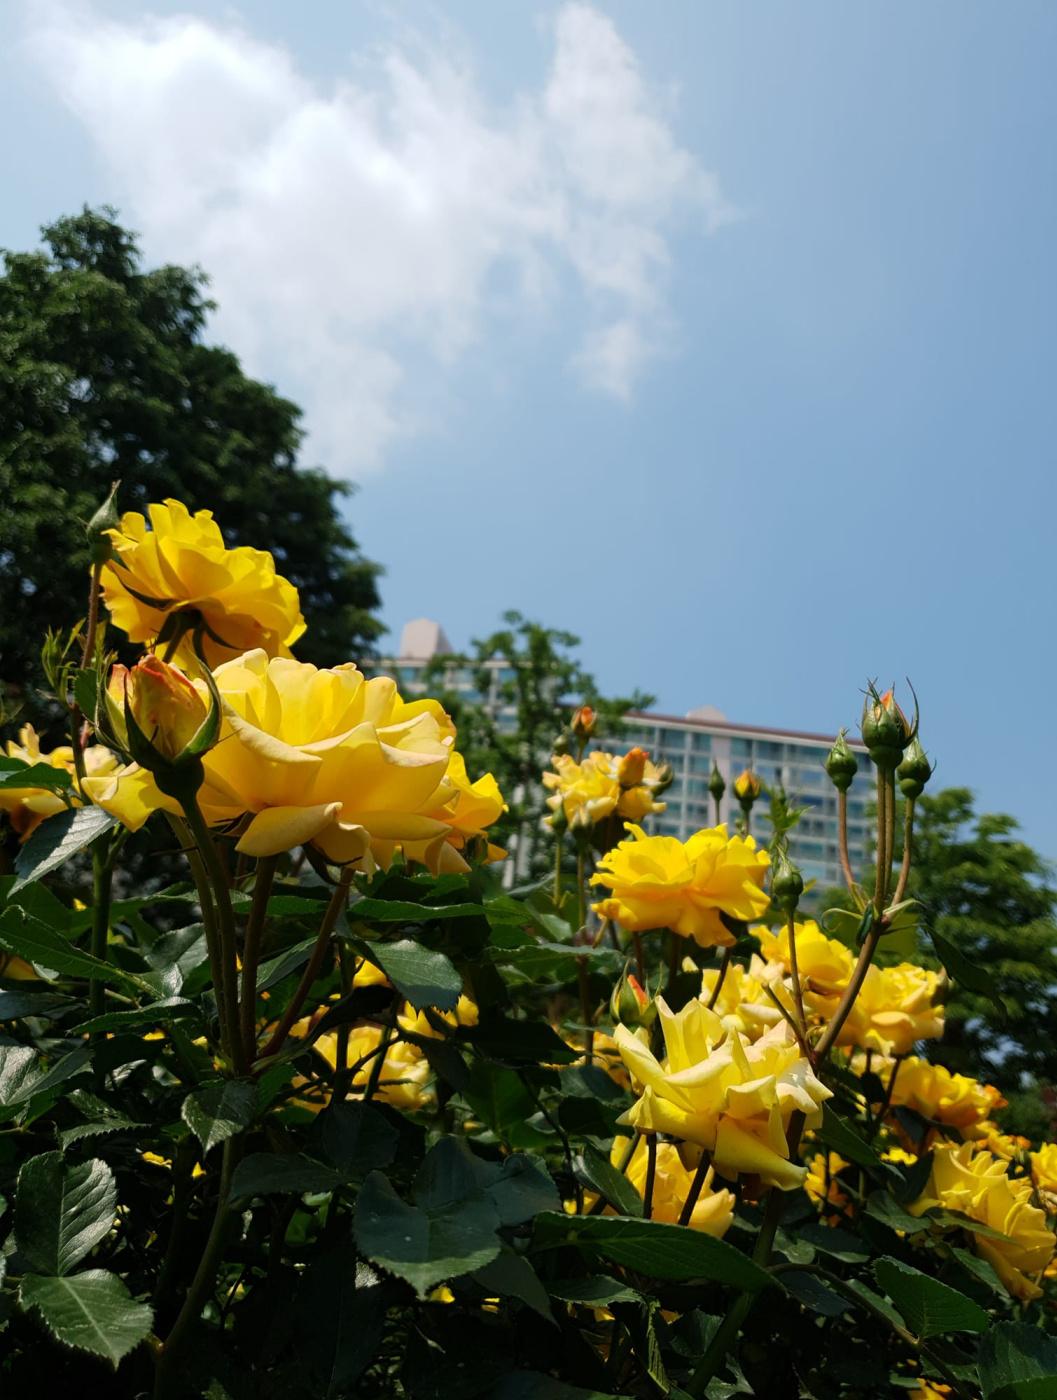 Minh Hieu Truong Vu. Yellow Roses Under Blue Sky